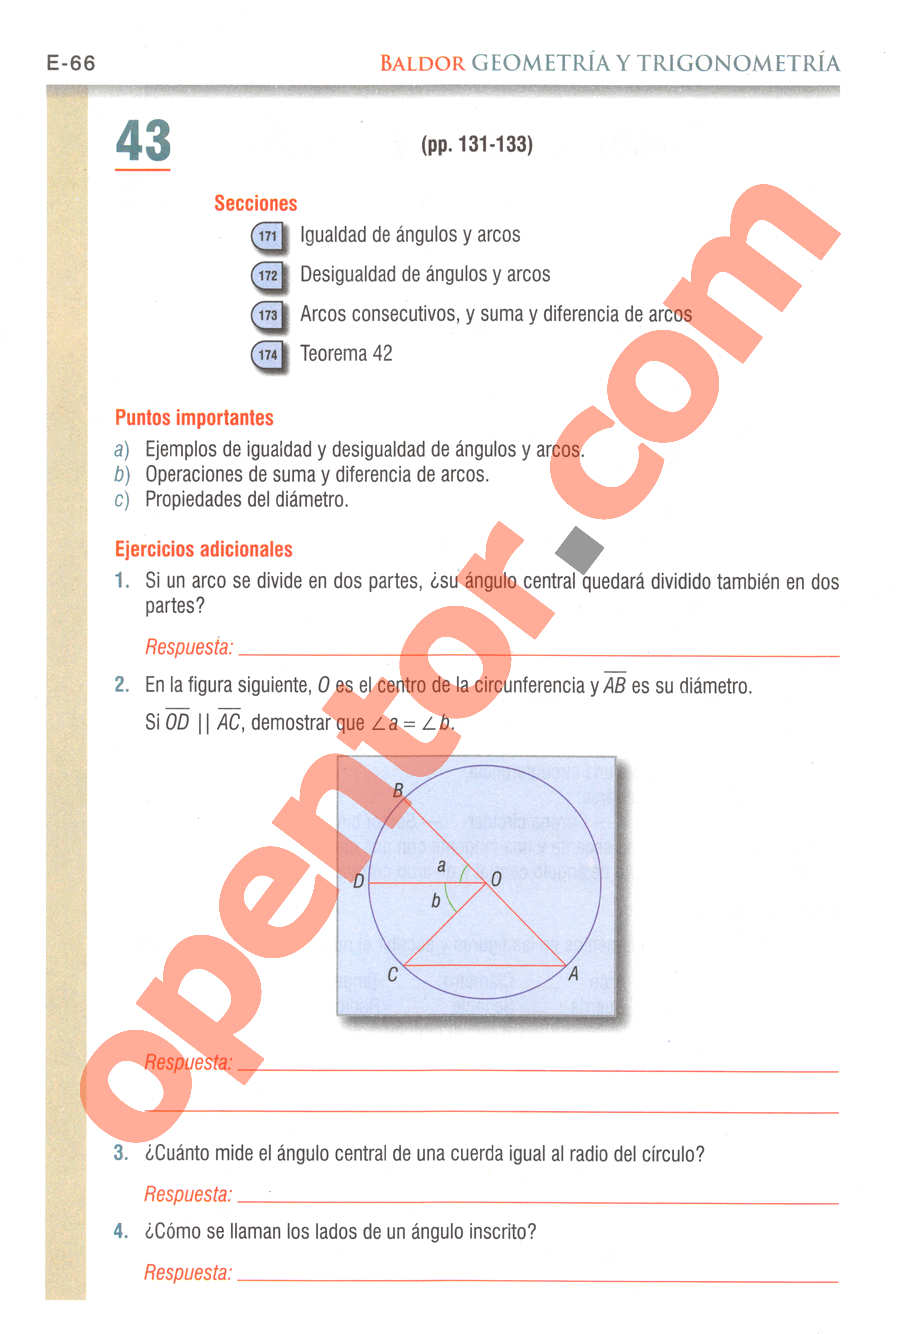 Geometría y Trigonometría de Baldor - Página E66